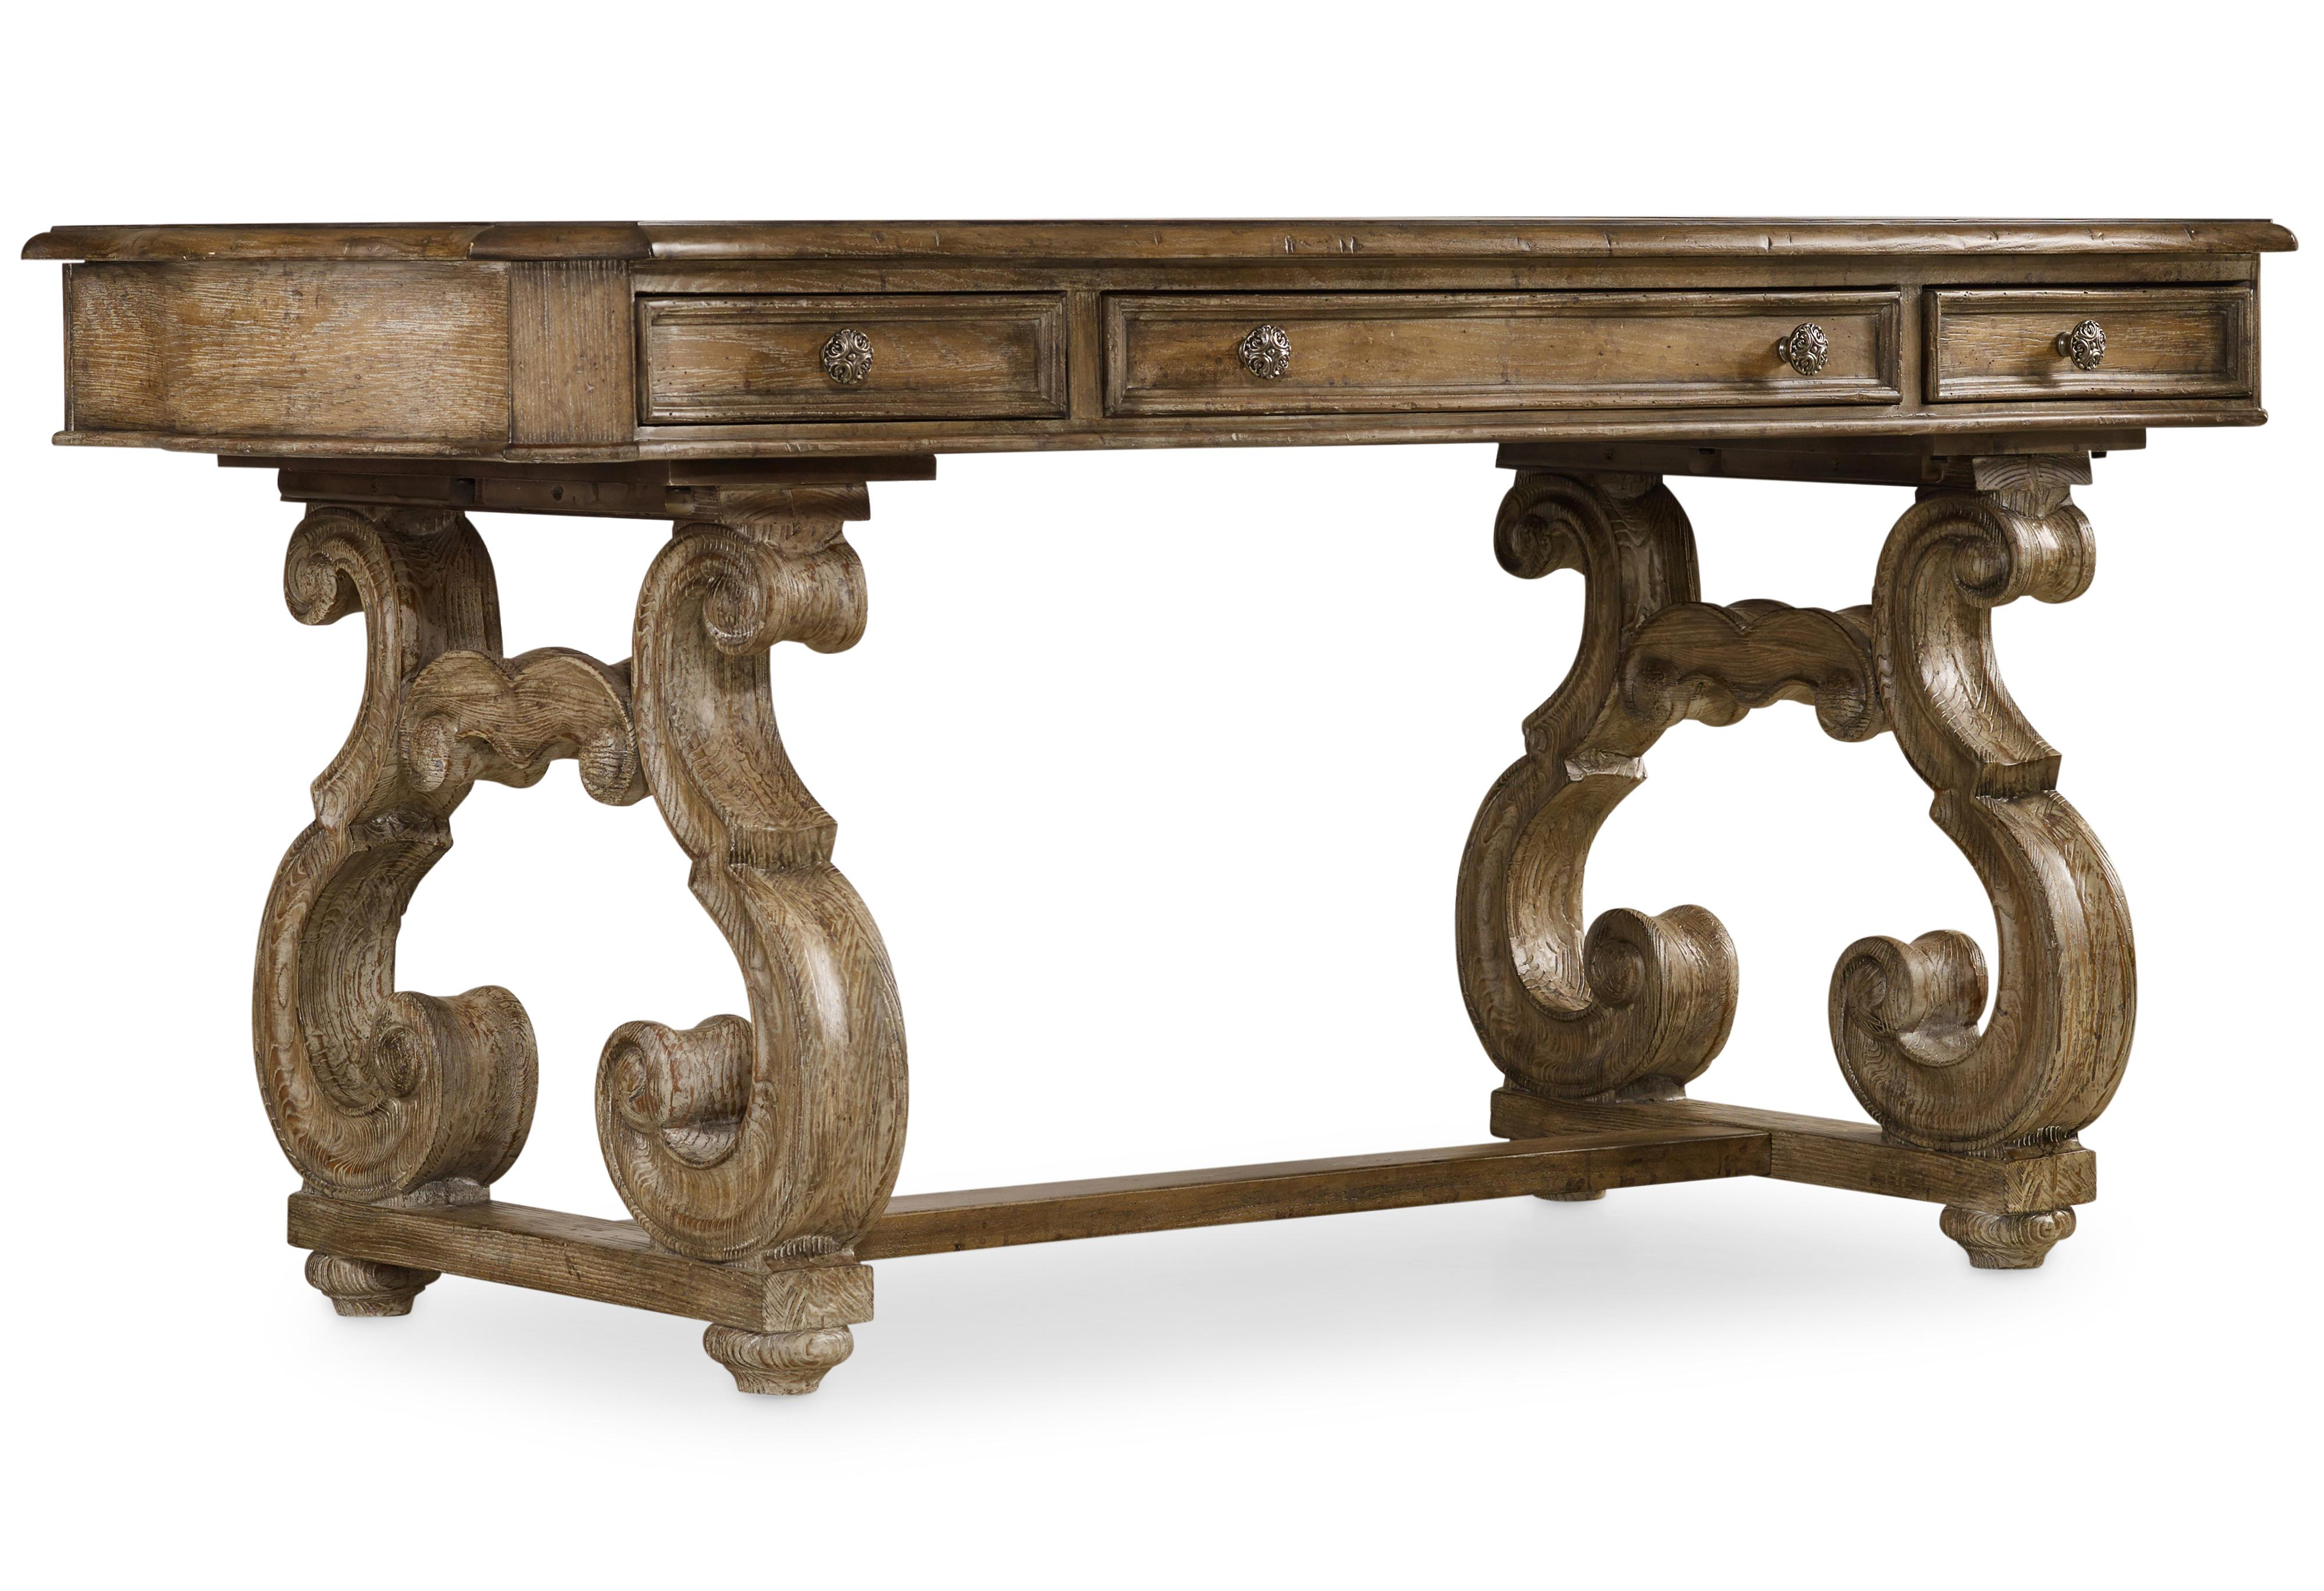 Hooker Furniture Solana Writing Desk - Item Number: 5291-10459